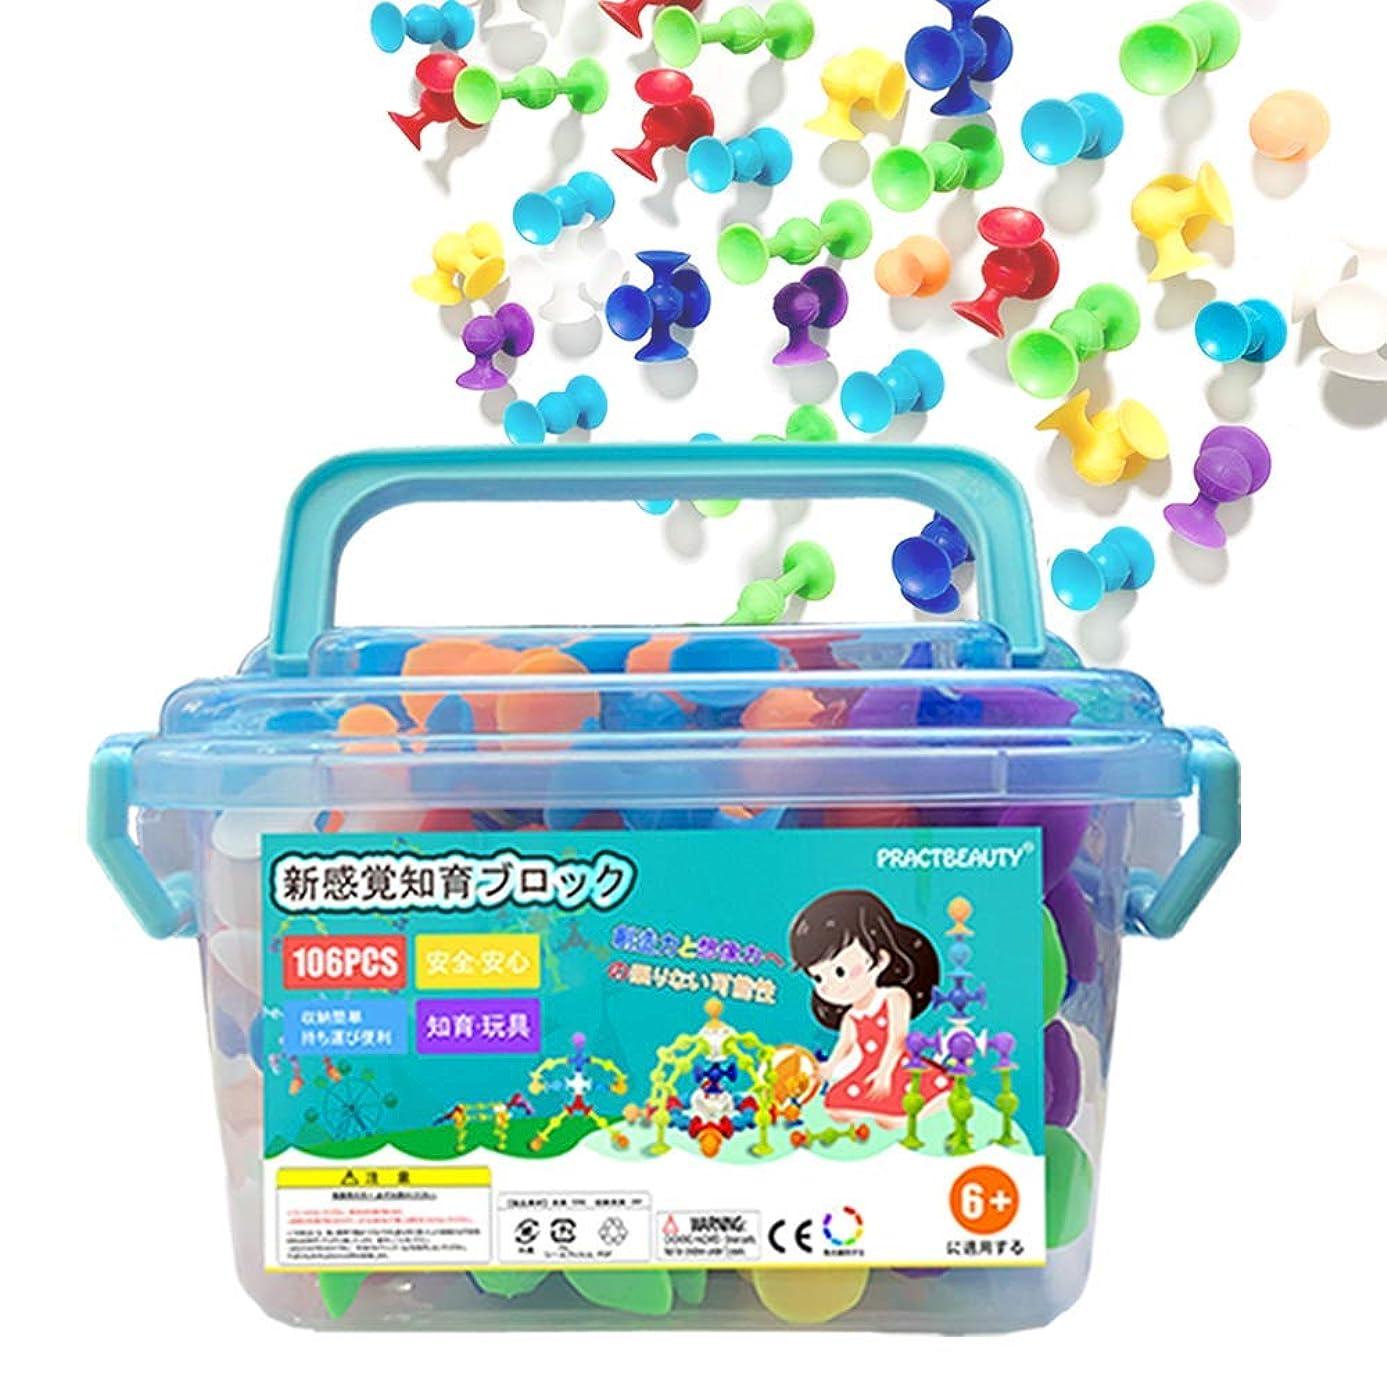 魅力的であることへのアピール対応する考案するPractbeauty新感覚知育ブロック 106個セットオリジナル 吸盤積み木 組み立ておもちゃ お風呂のおもちゃ DIY 男の子 女の子